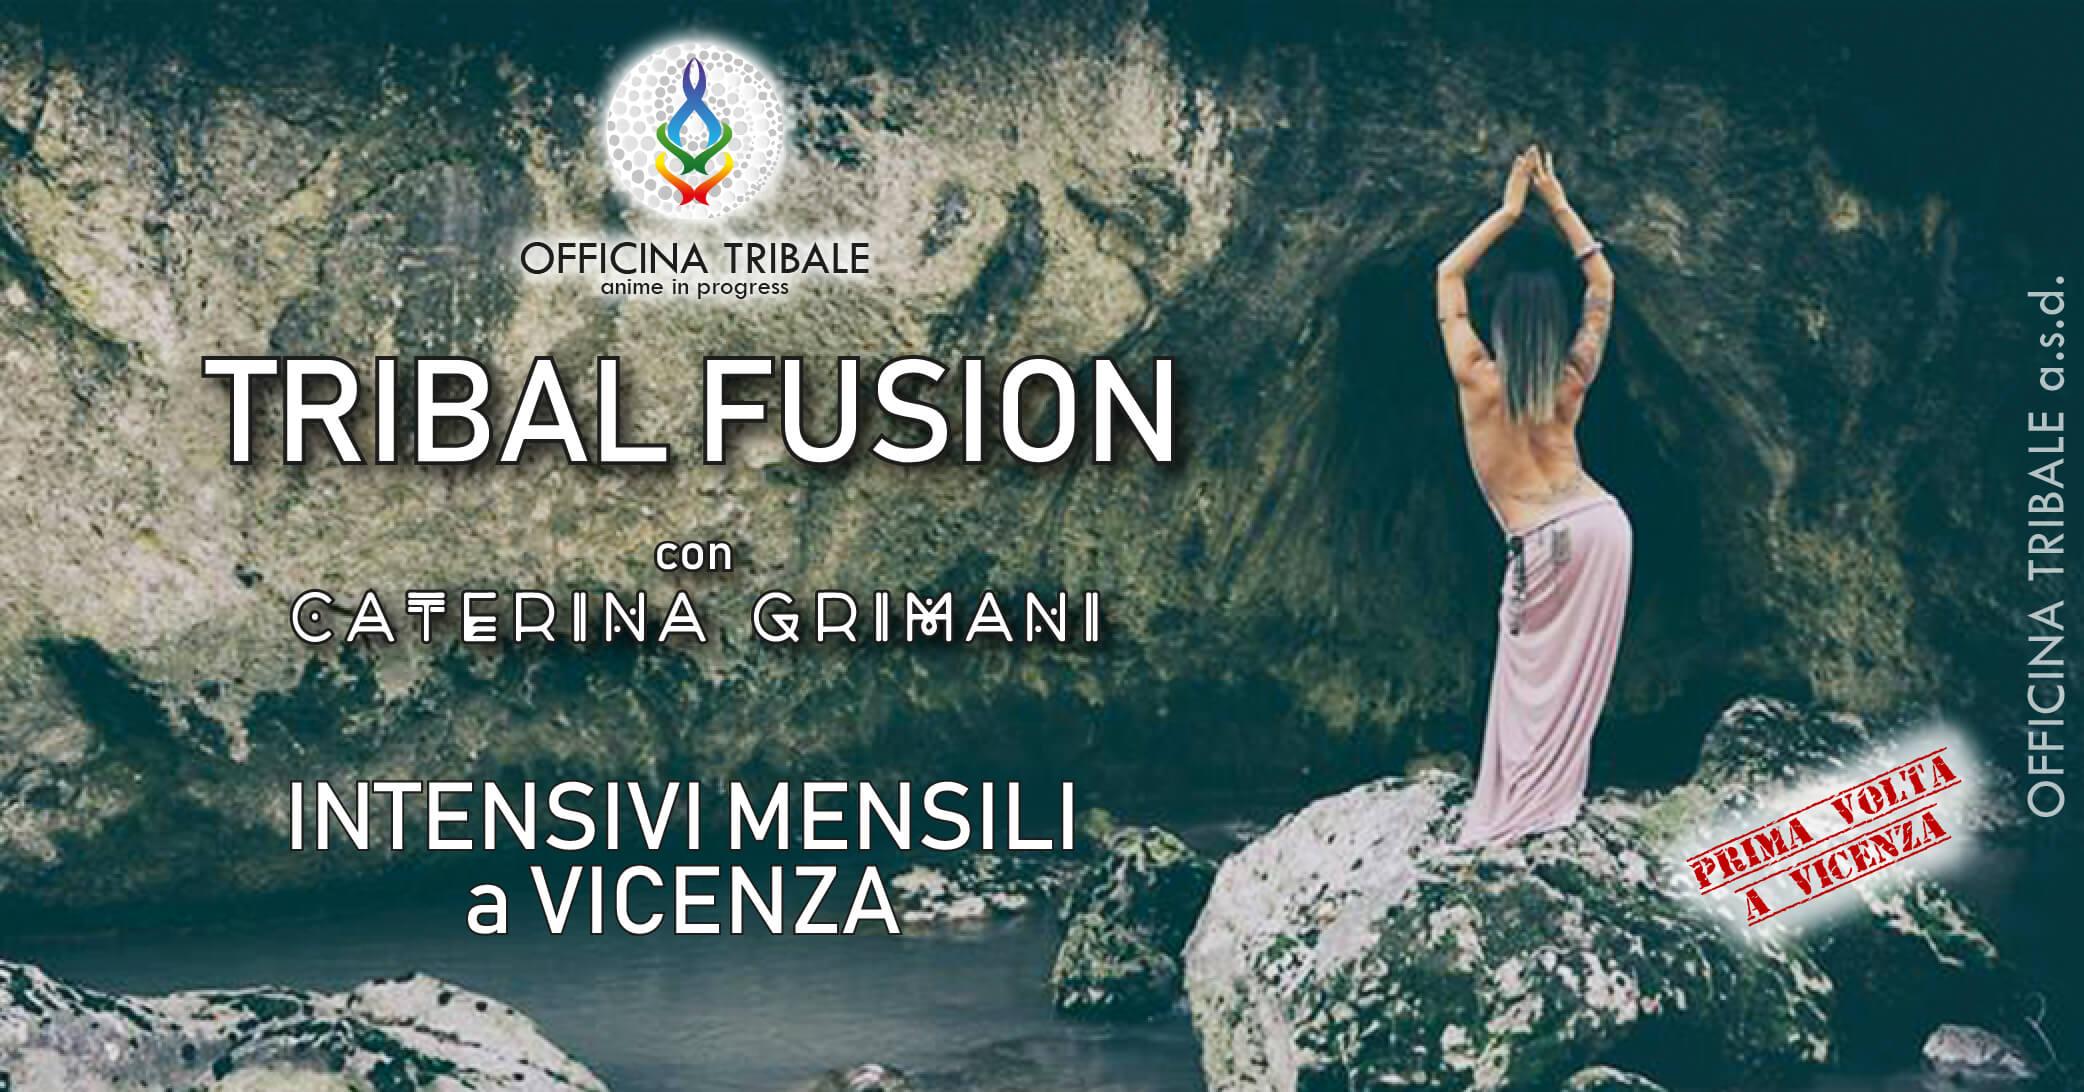 TRIBAL FUSION con CATERINA GRIMANI